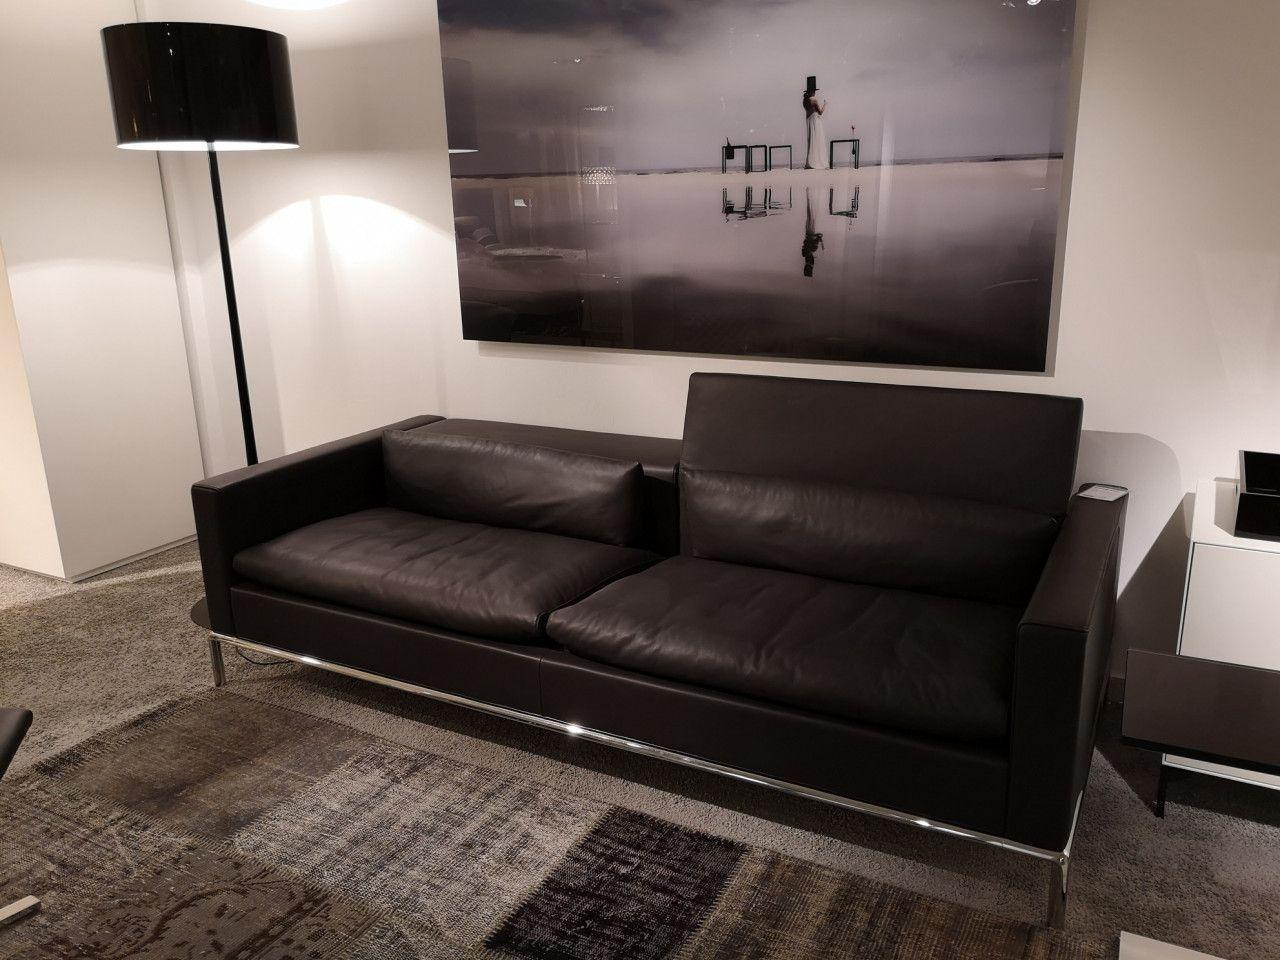 De Sede Sofa Ds 5 Designermobel Frankfurt Ledersofa Gemutliches Sofa Bequeme Sessel